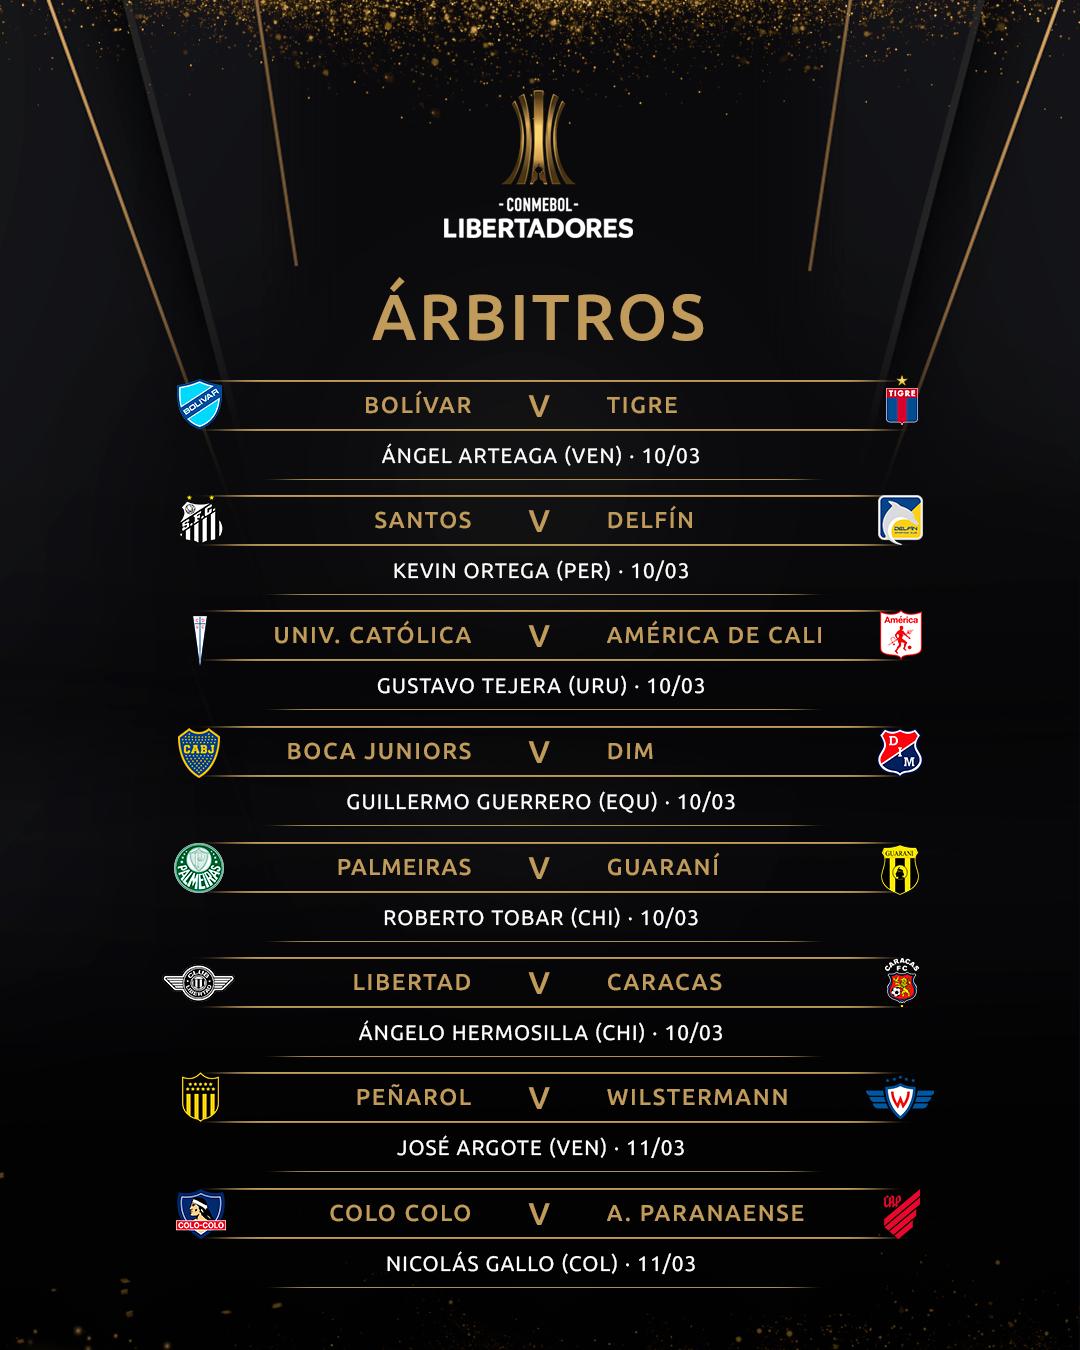 Árbitros - Libertadores